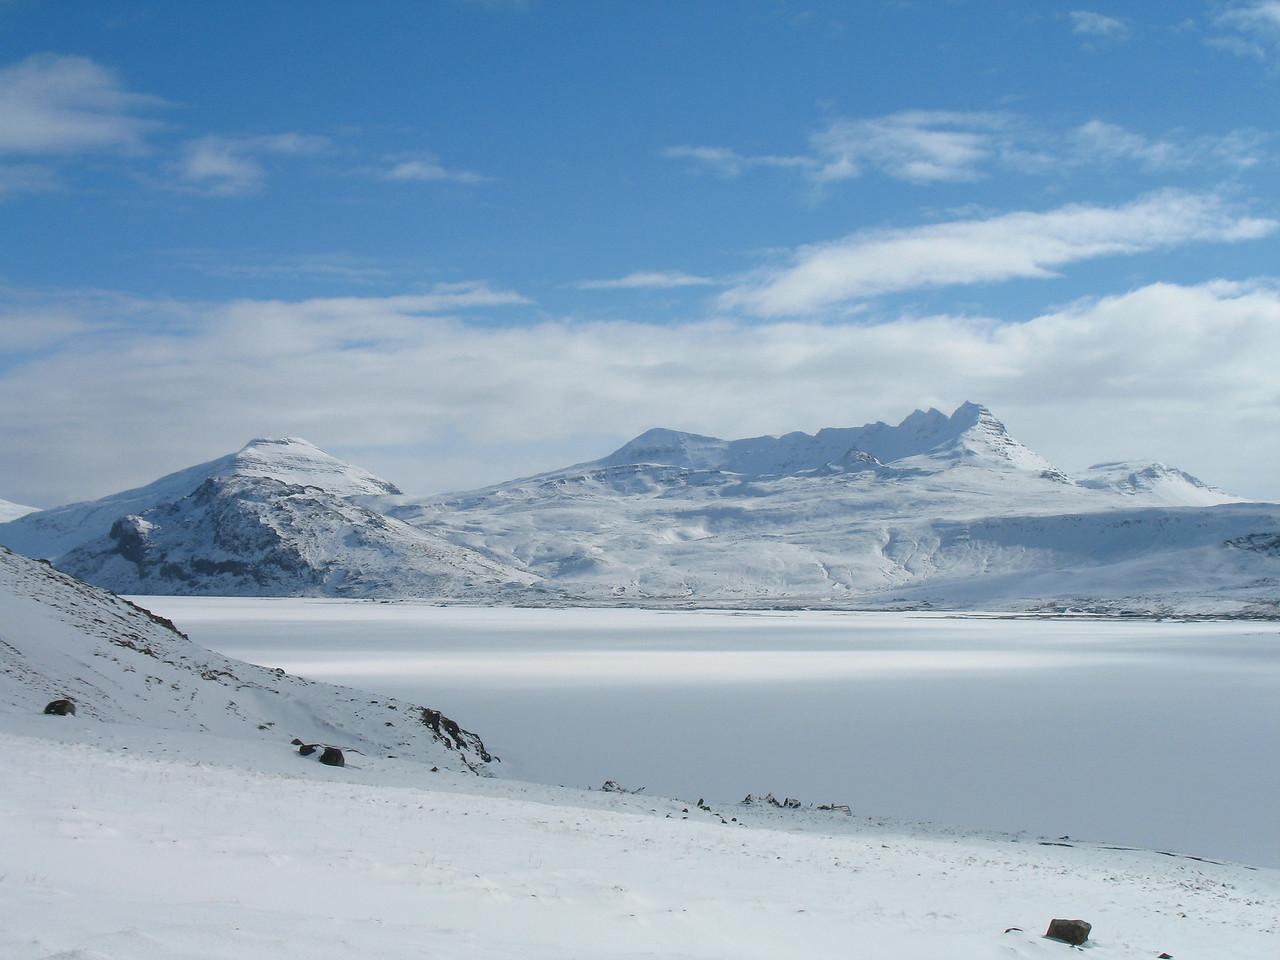 Horft yfir ísilagt Hítarvatn til Foxufells (vinstra megin, við vatnið), Lambahnjúkur þar á bak við, Tröllakirkja og Smjörhnjúkar rétt hægra megin við miðja mynd.